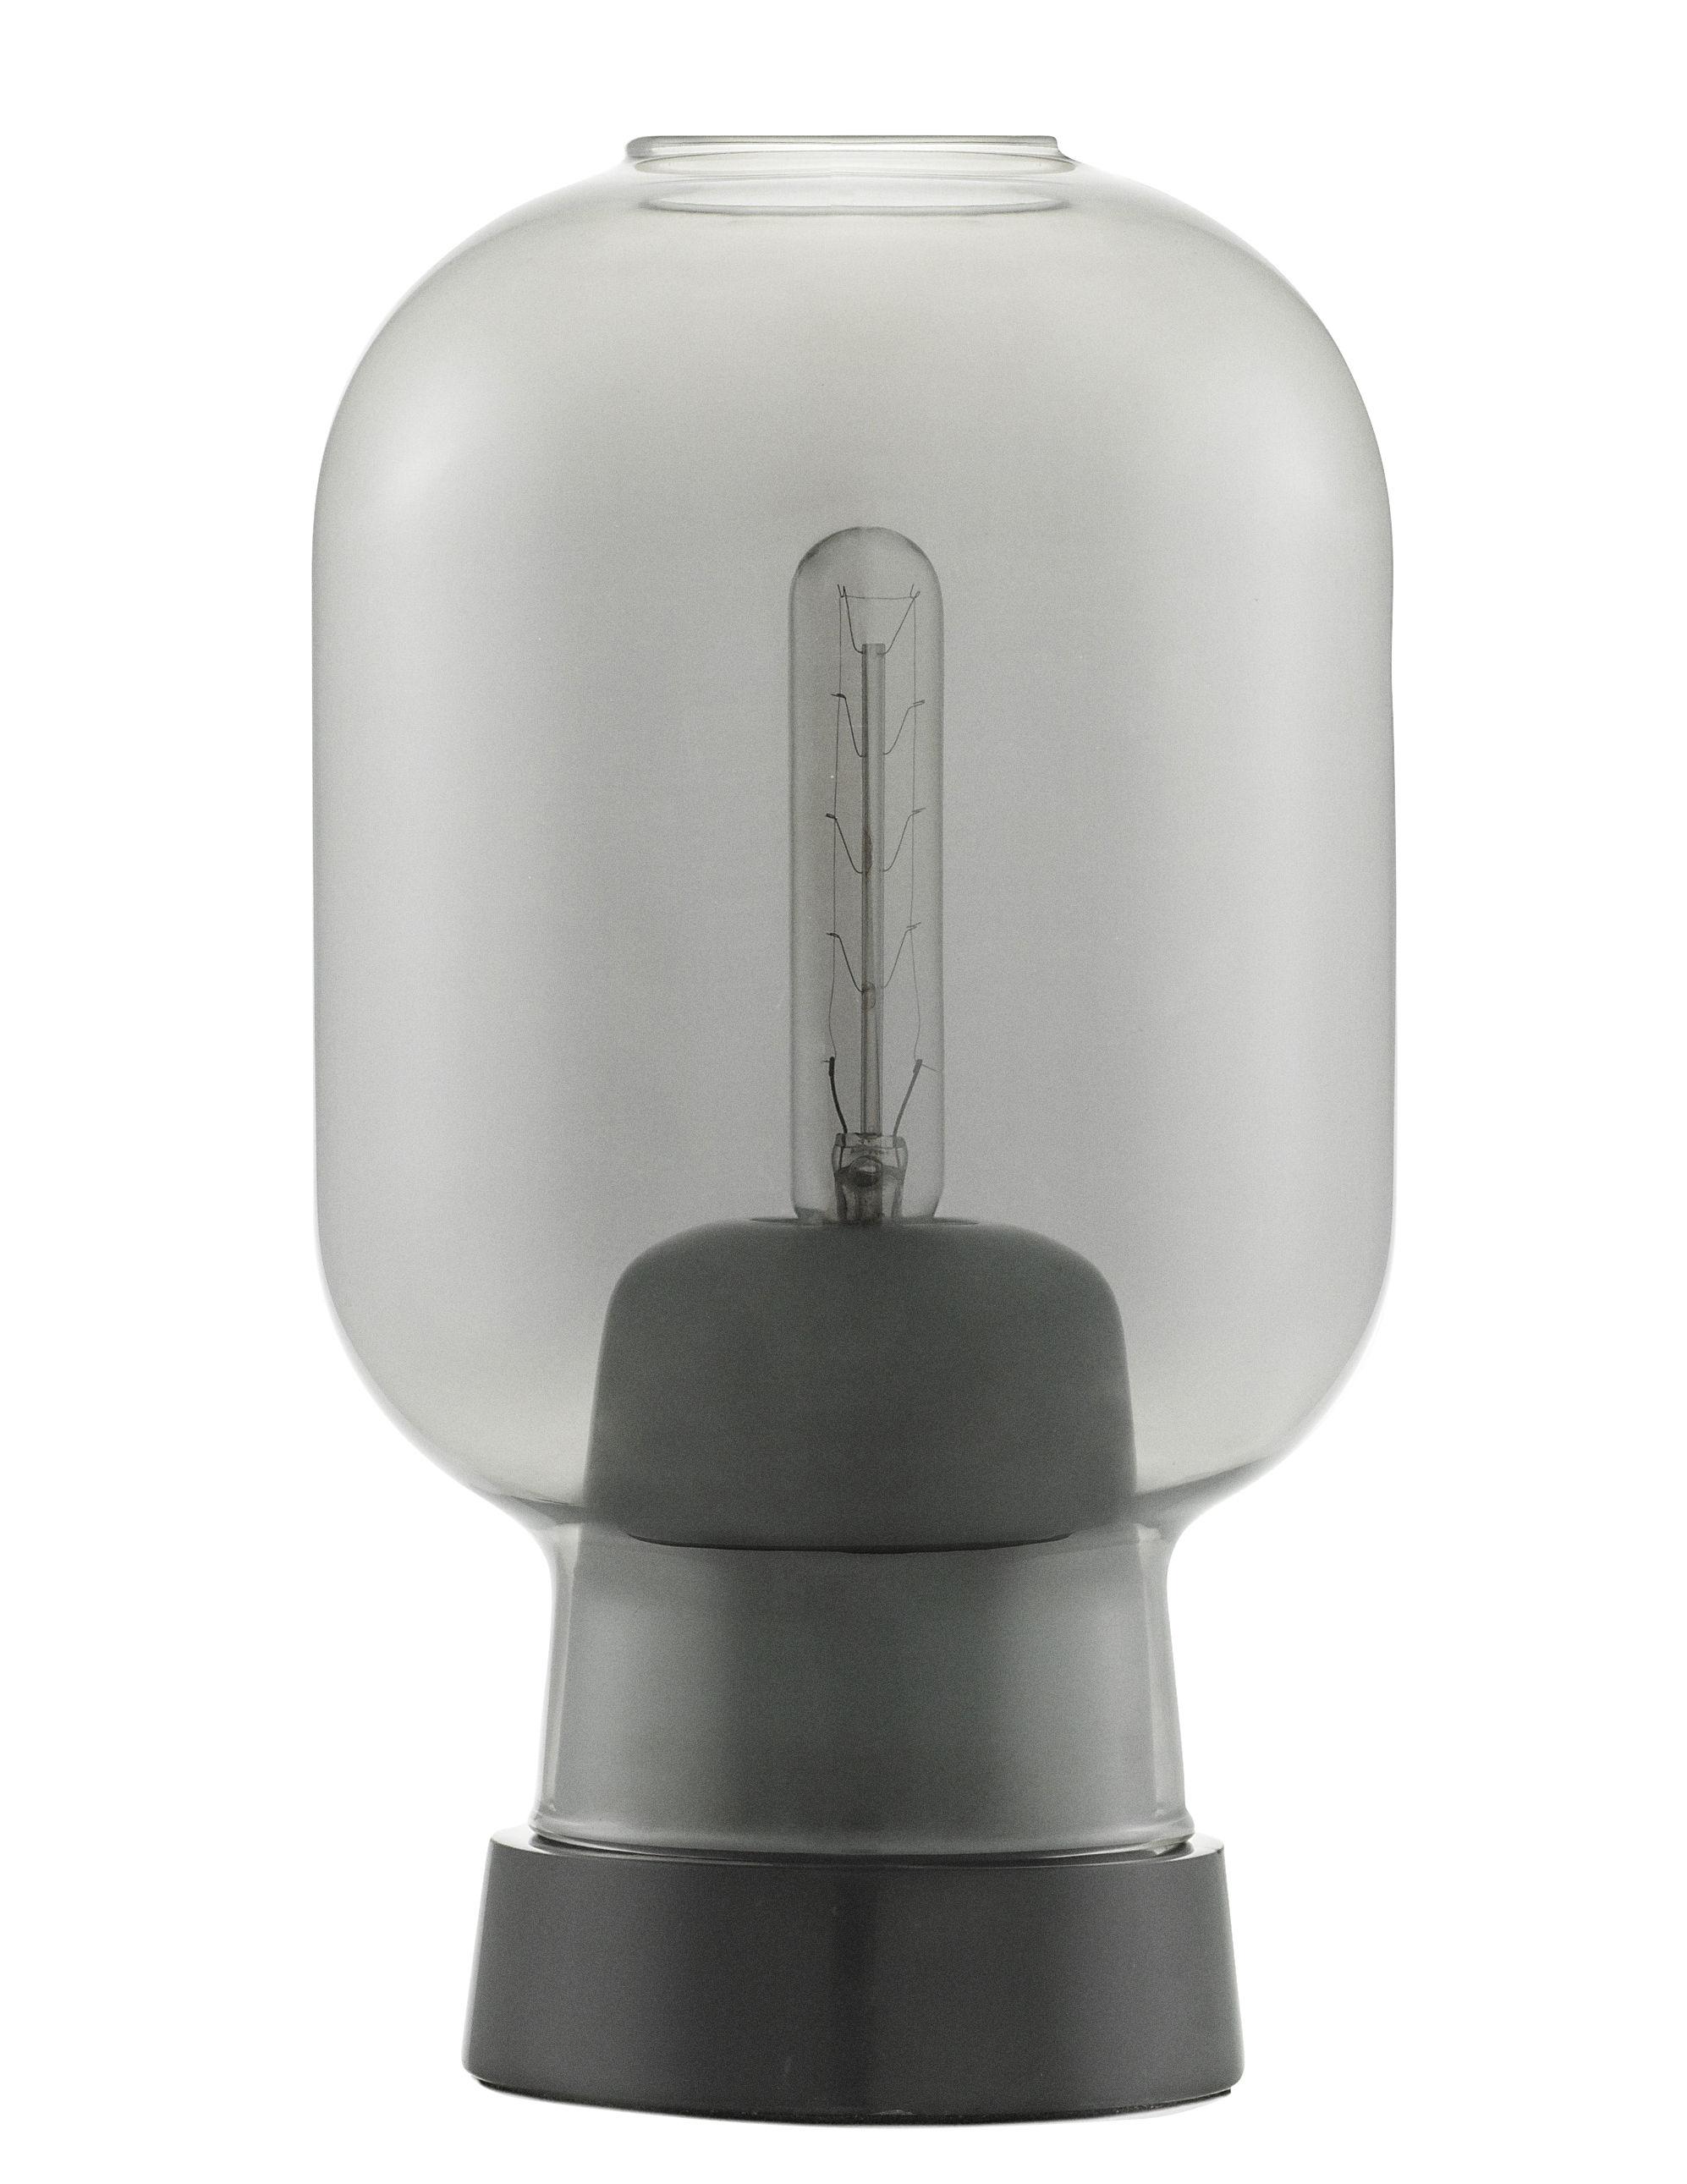 Luminaire - Lampes de table - Lampe de table Amp / Verre & marbre - Normann Copenhagen - Gris fumé / Marbre noir - Marbre, Verre